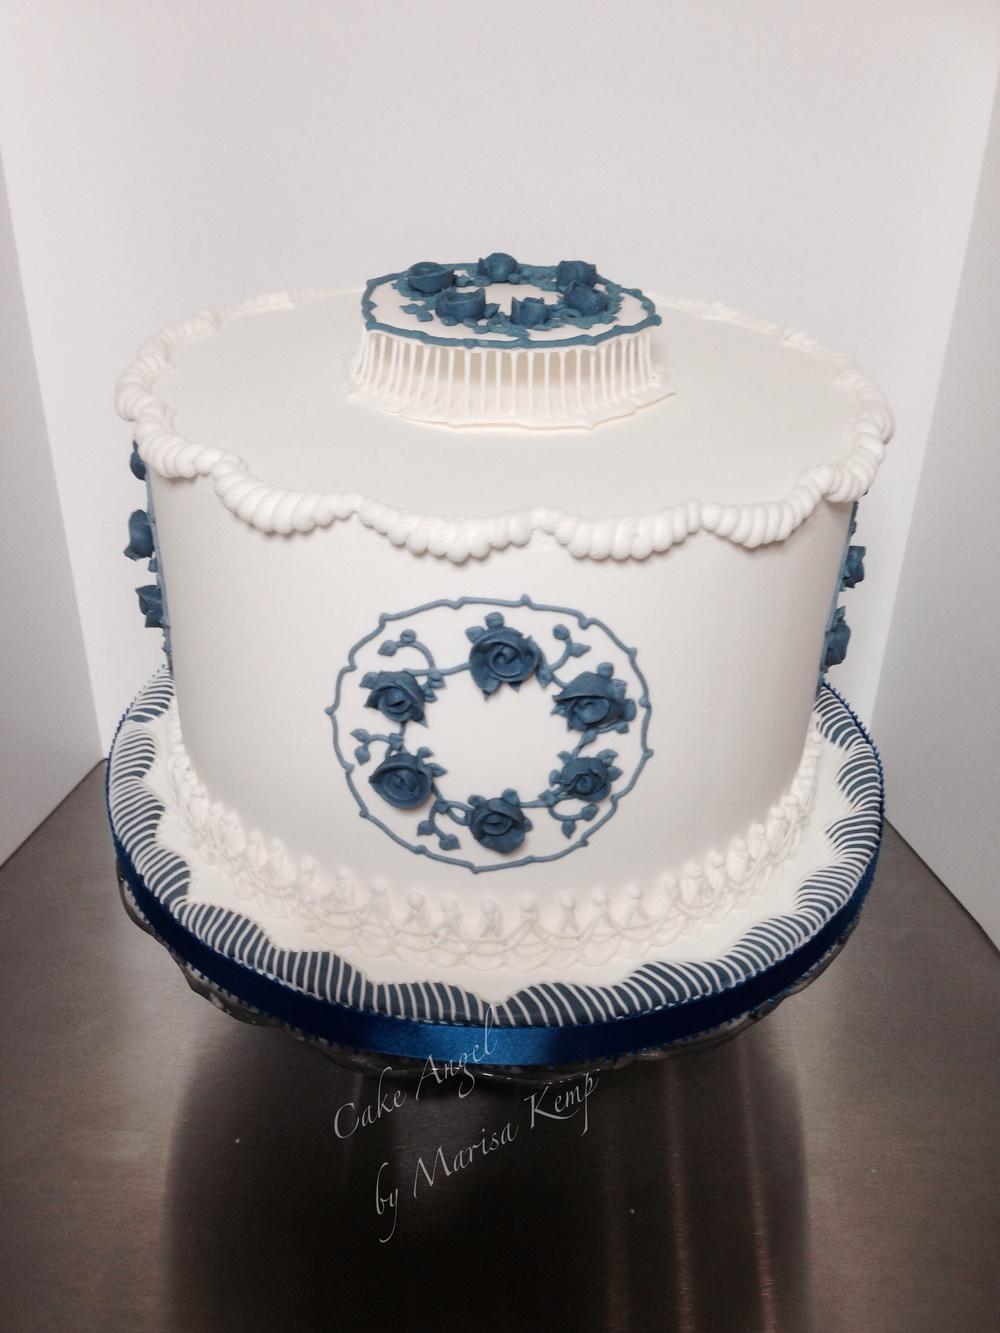 Celebration and Wedding Cakes — Cake Angel